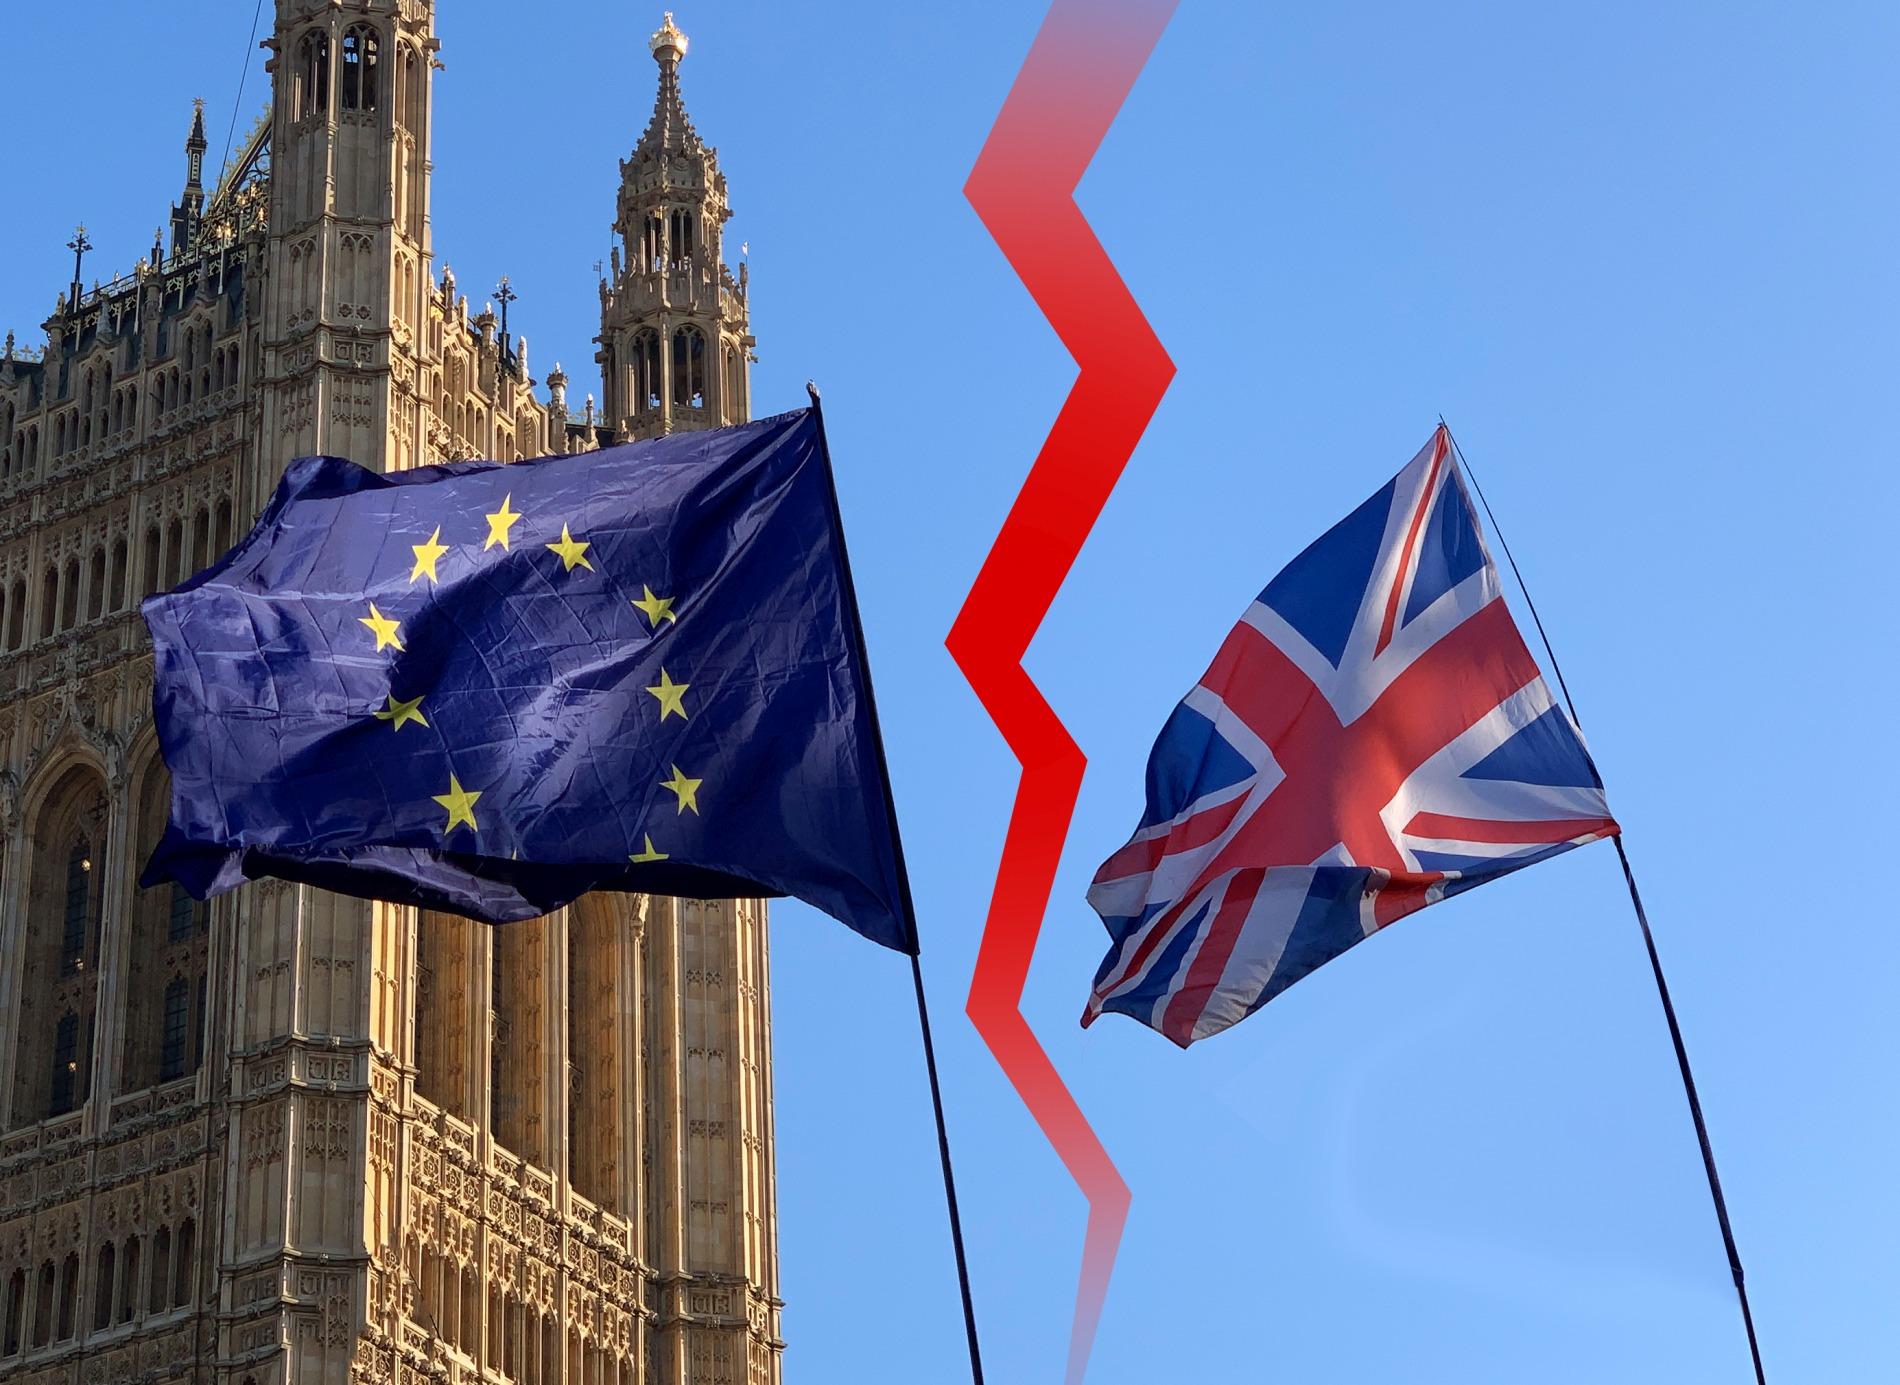 Veste incredibilă pentru românii din Marea Britanie! Ce urmează după Brexit